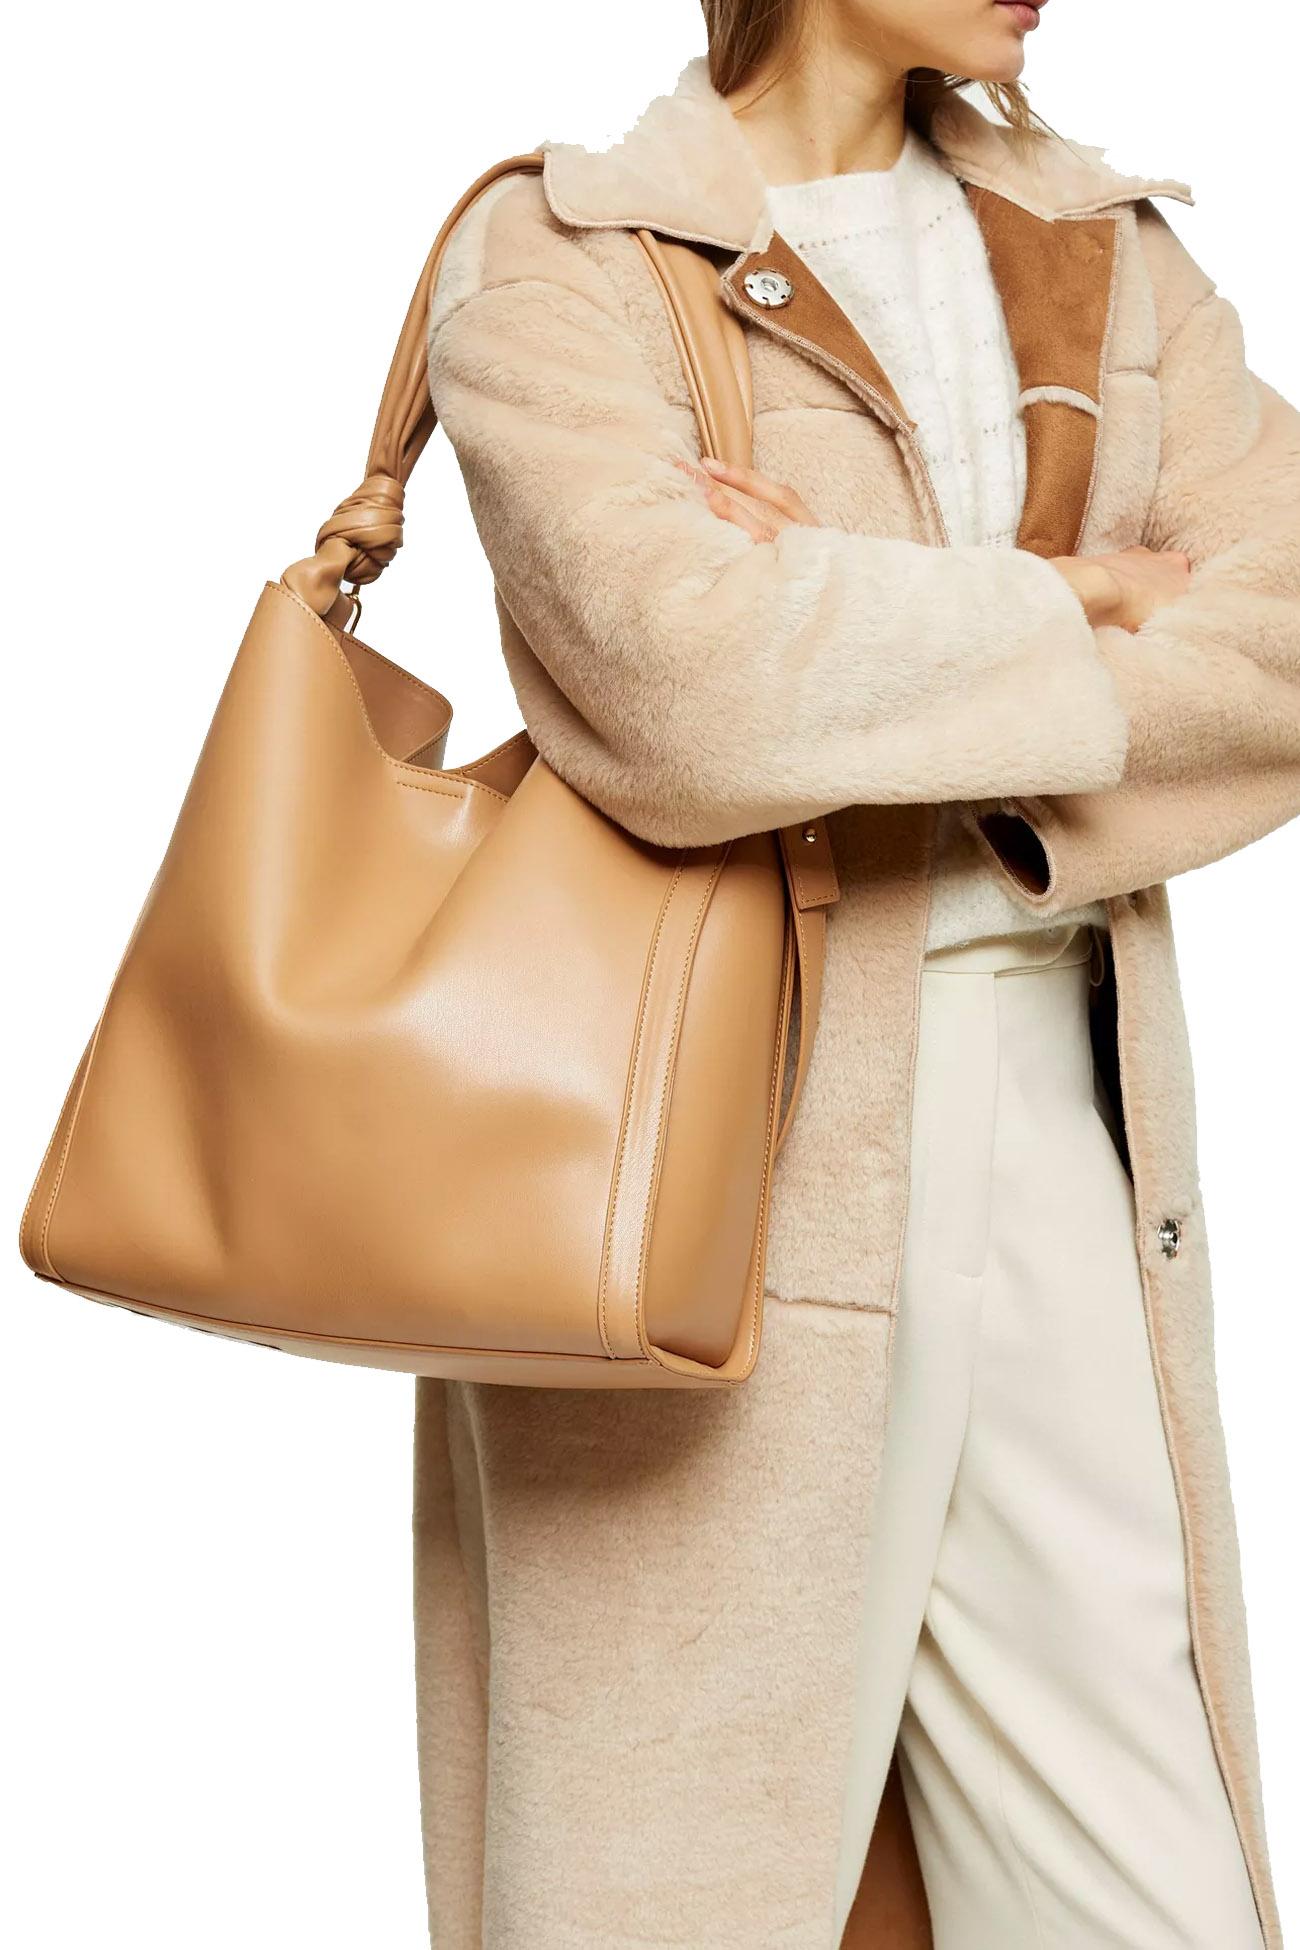 camel bag topshop